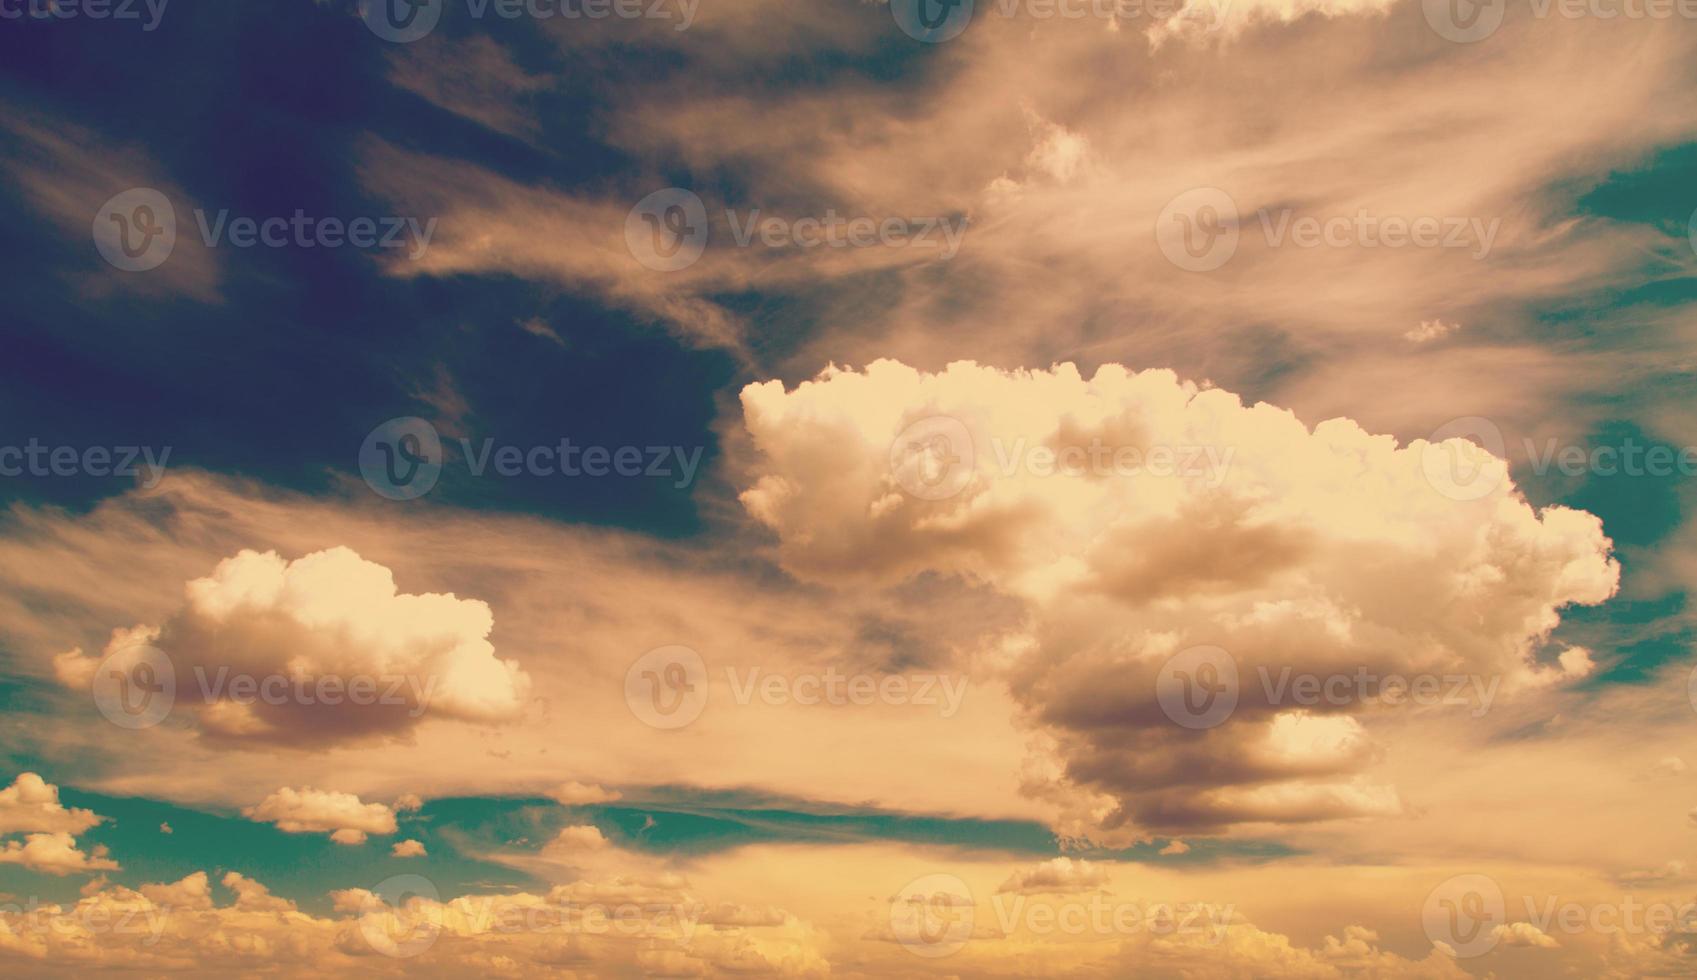 soffici nuvole bianche nel cielo blu, aspetto instagram filtrato. foto